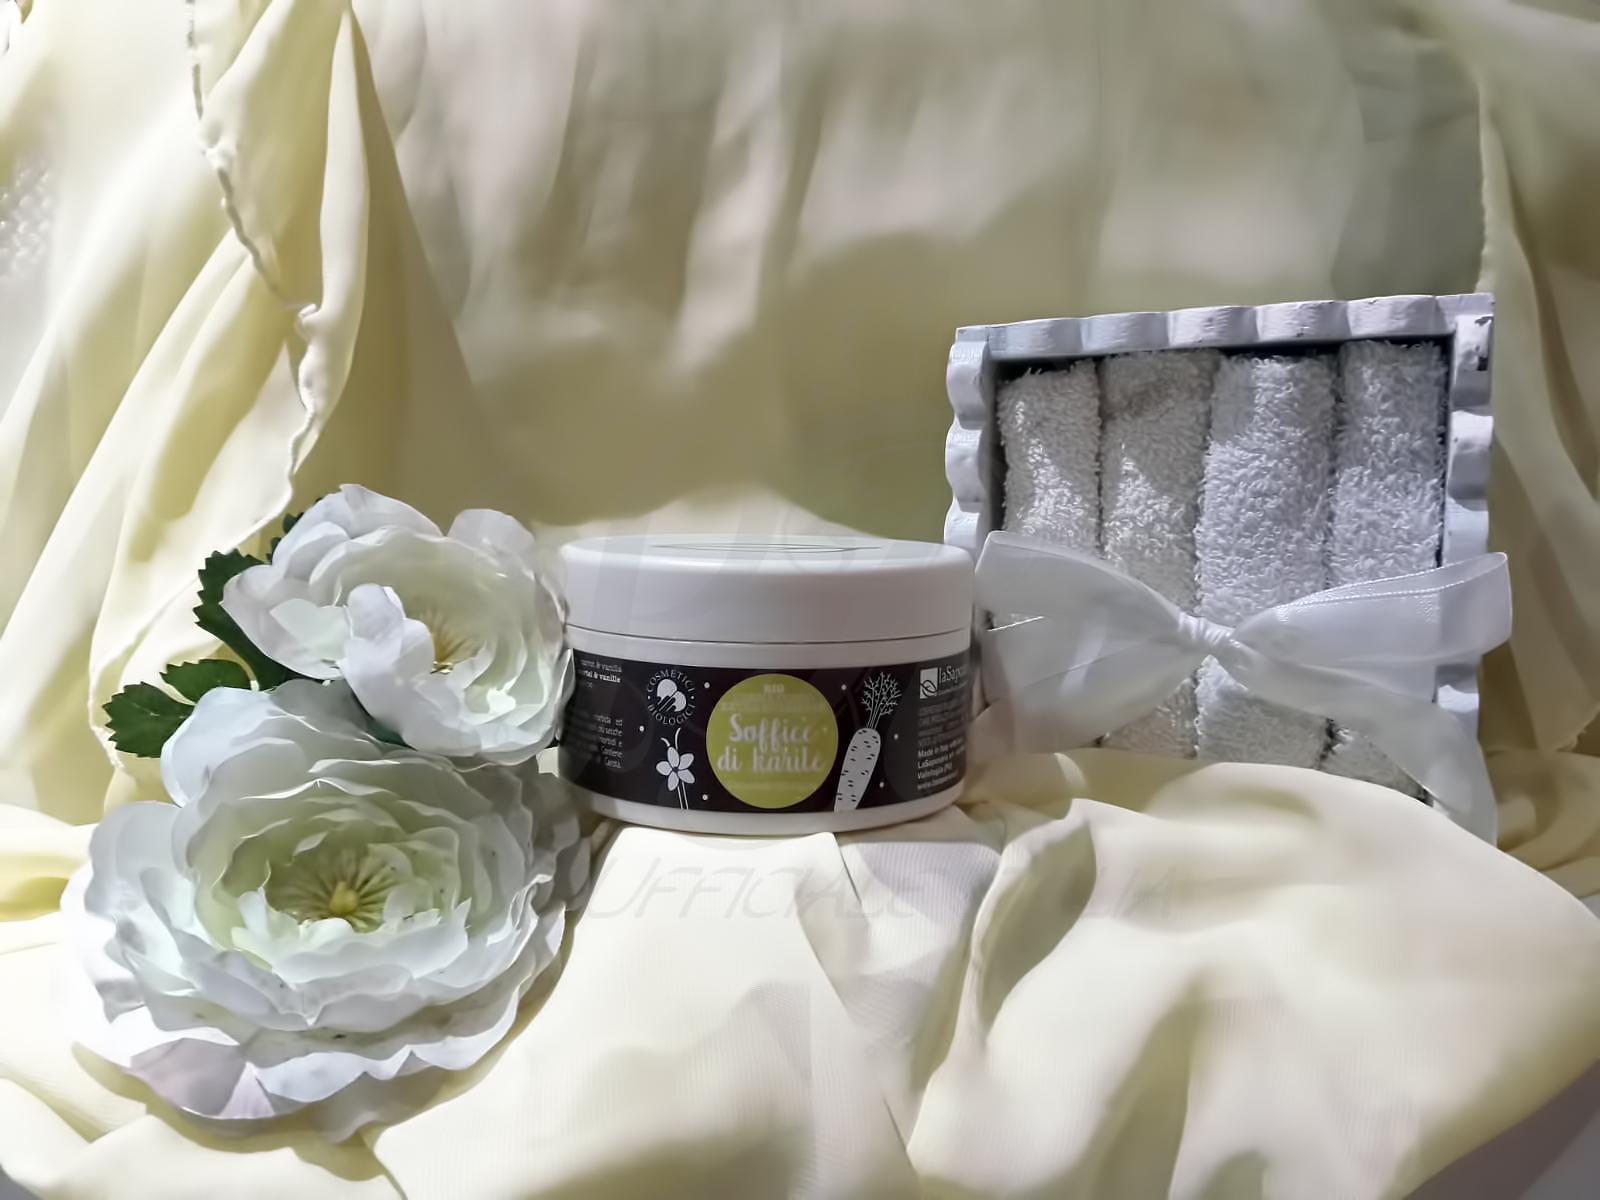 La Saponaria Crema corpo nutriente Soffice di karité